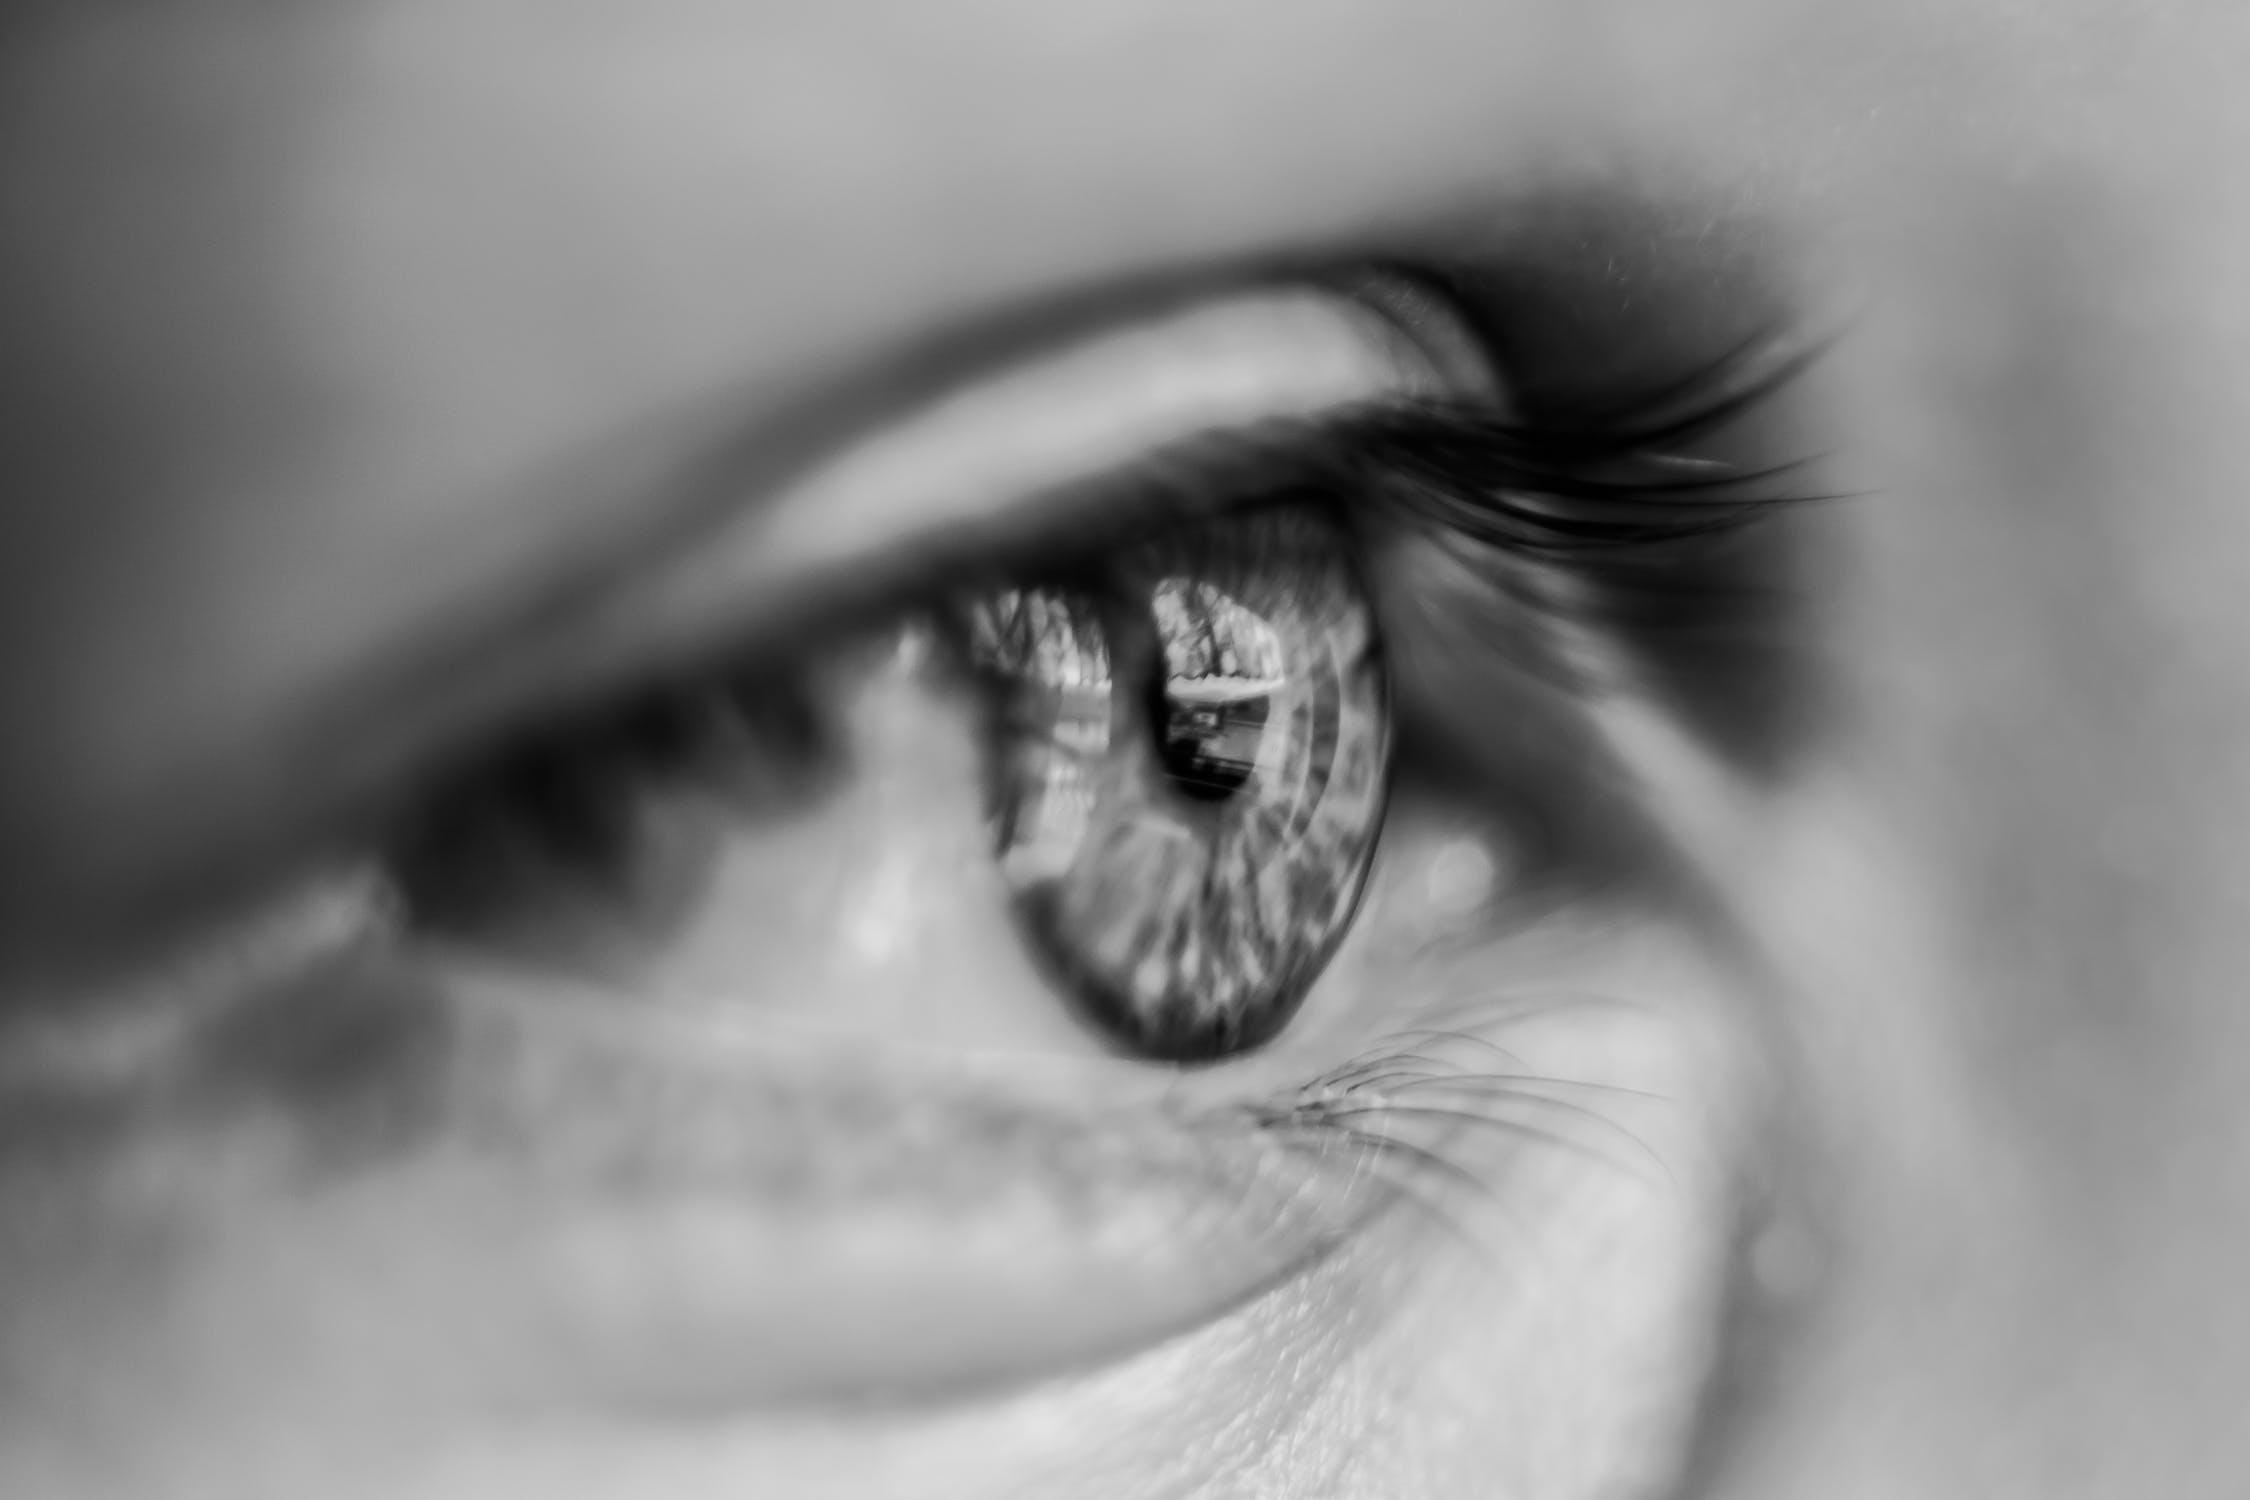 u bol u oku u hipertenzije